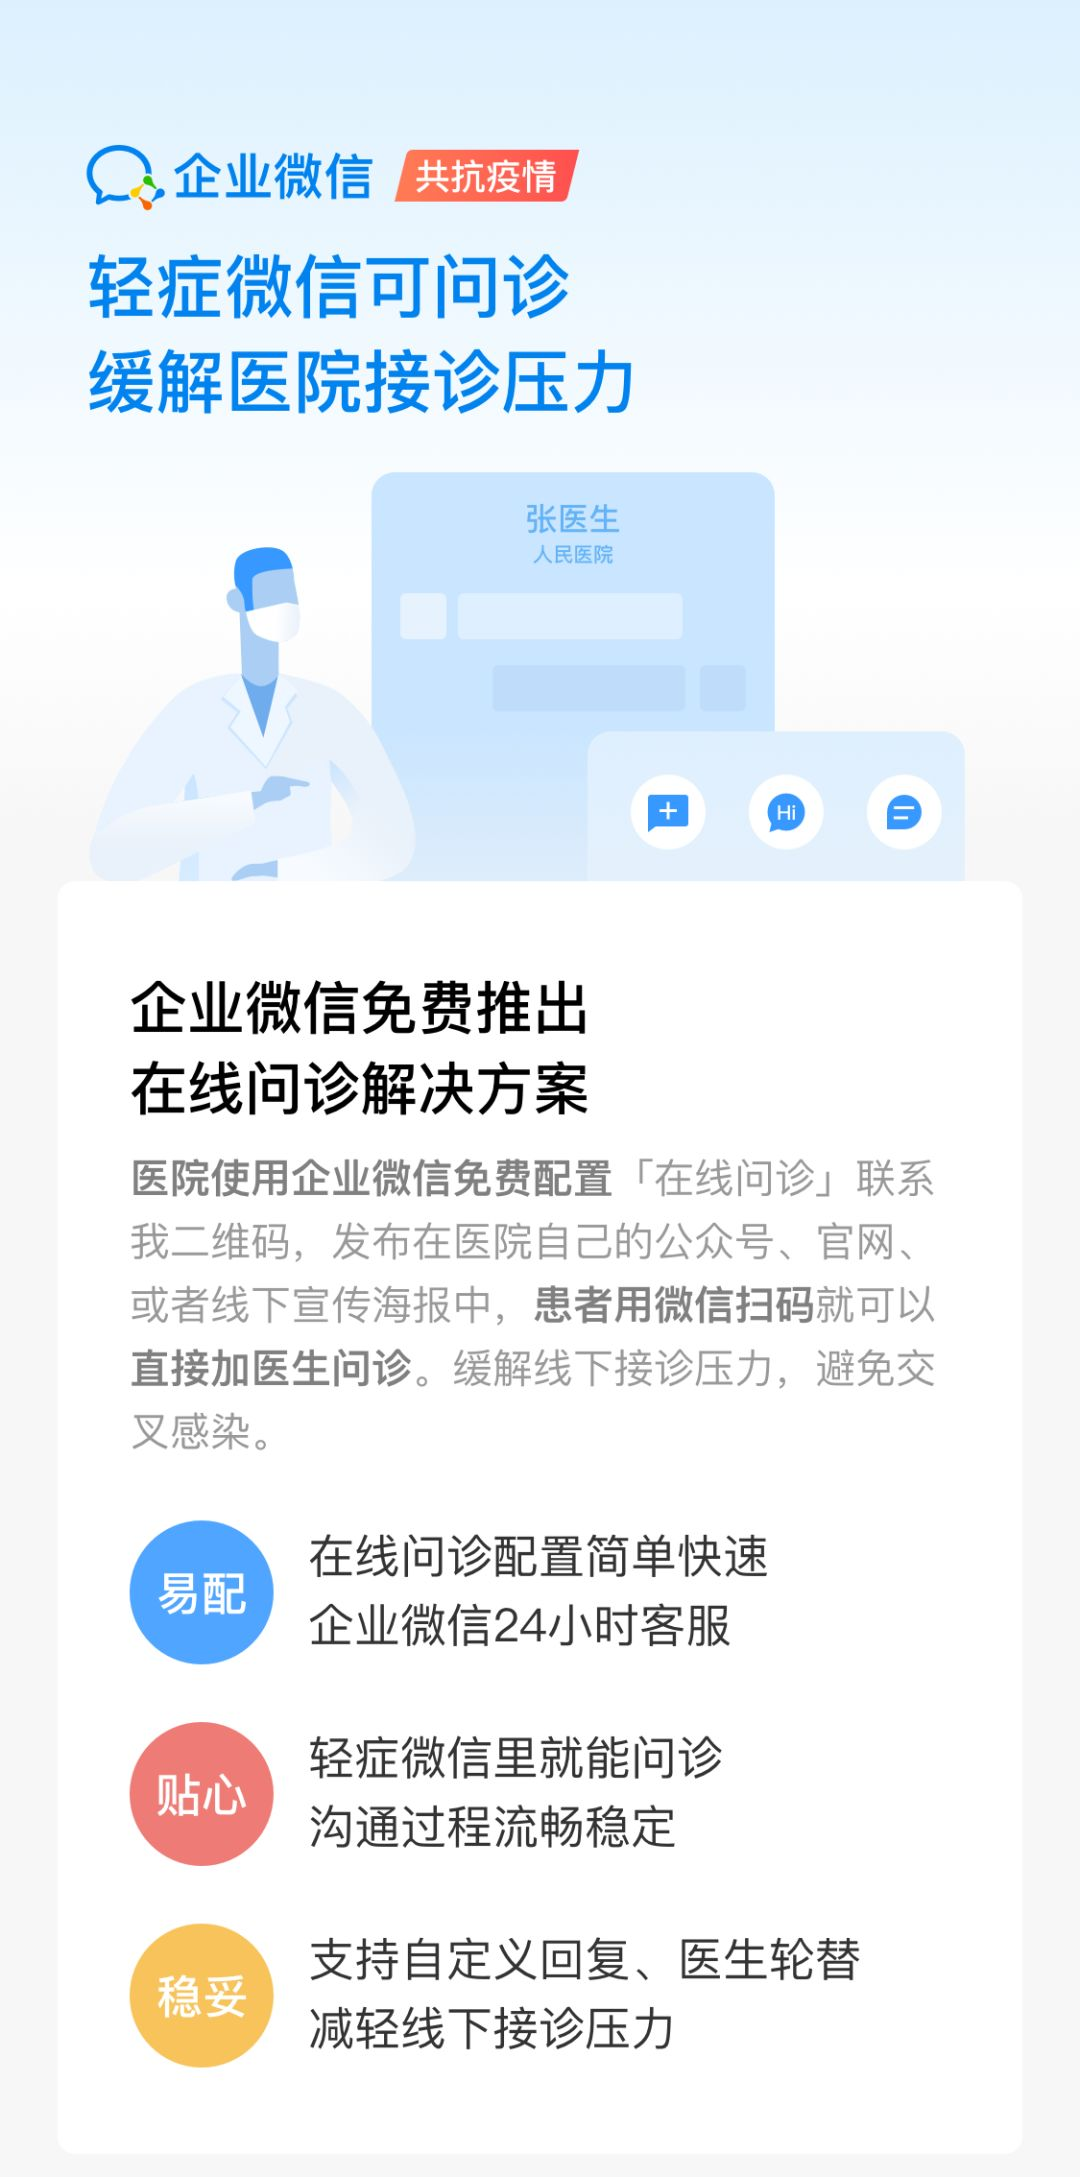 【收藏】医院如何快速开通在线问诊?